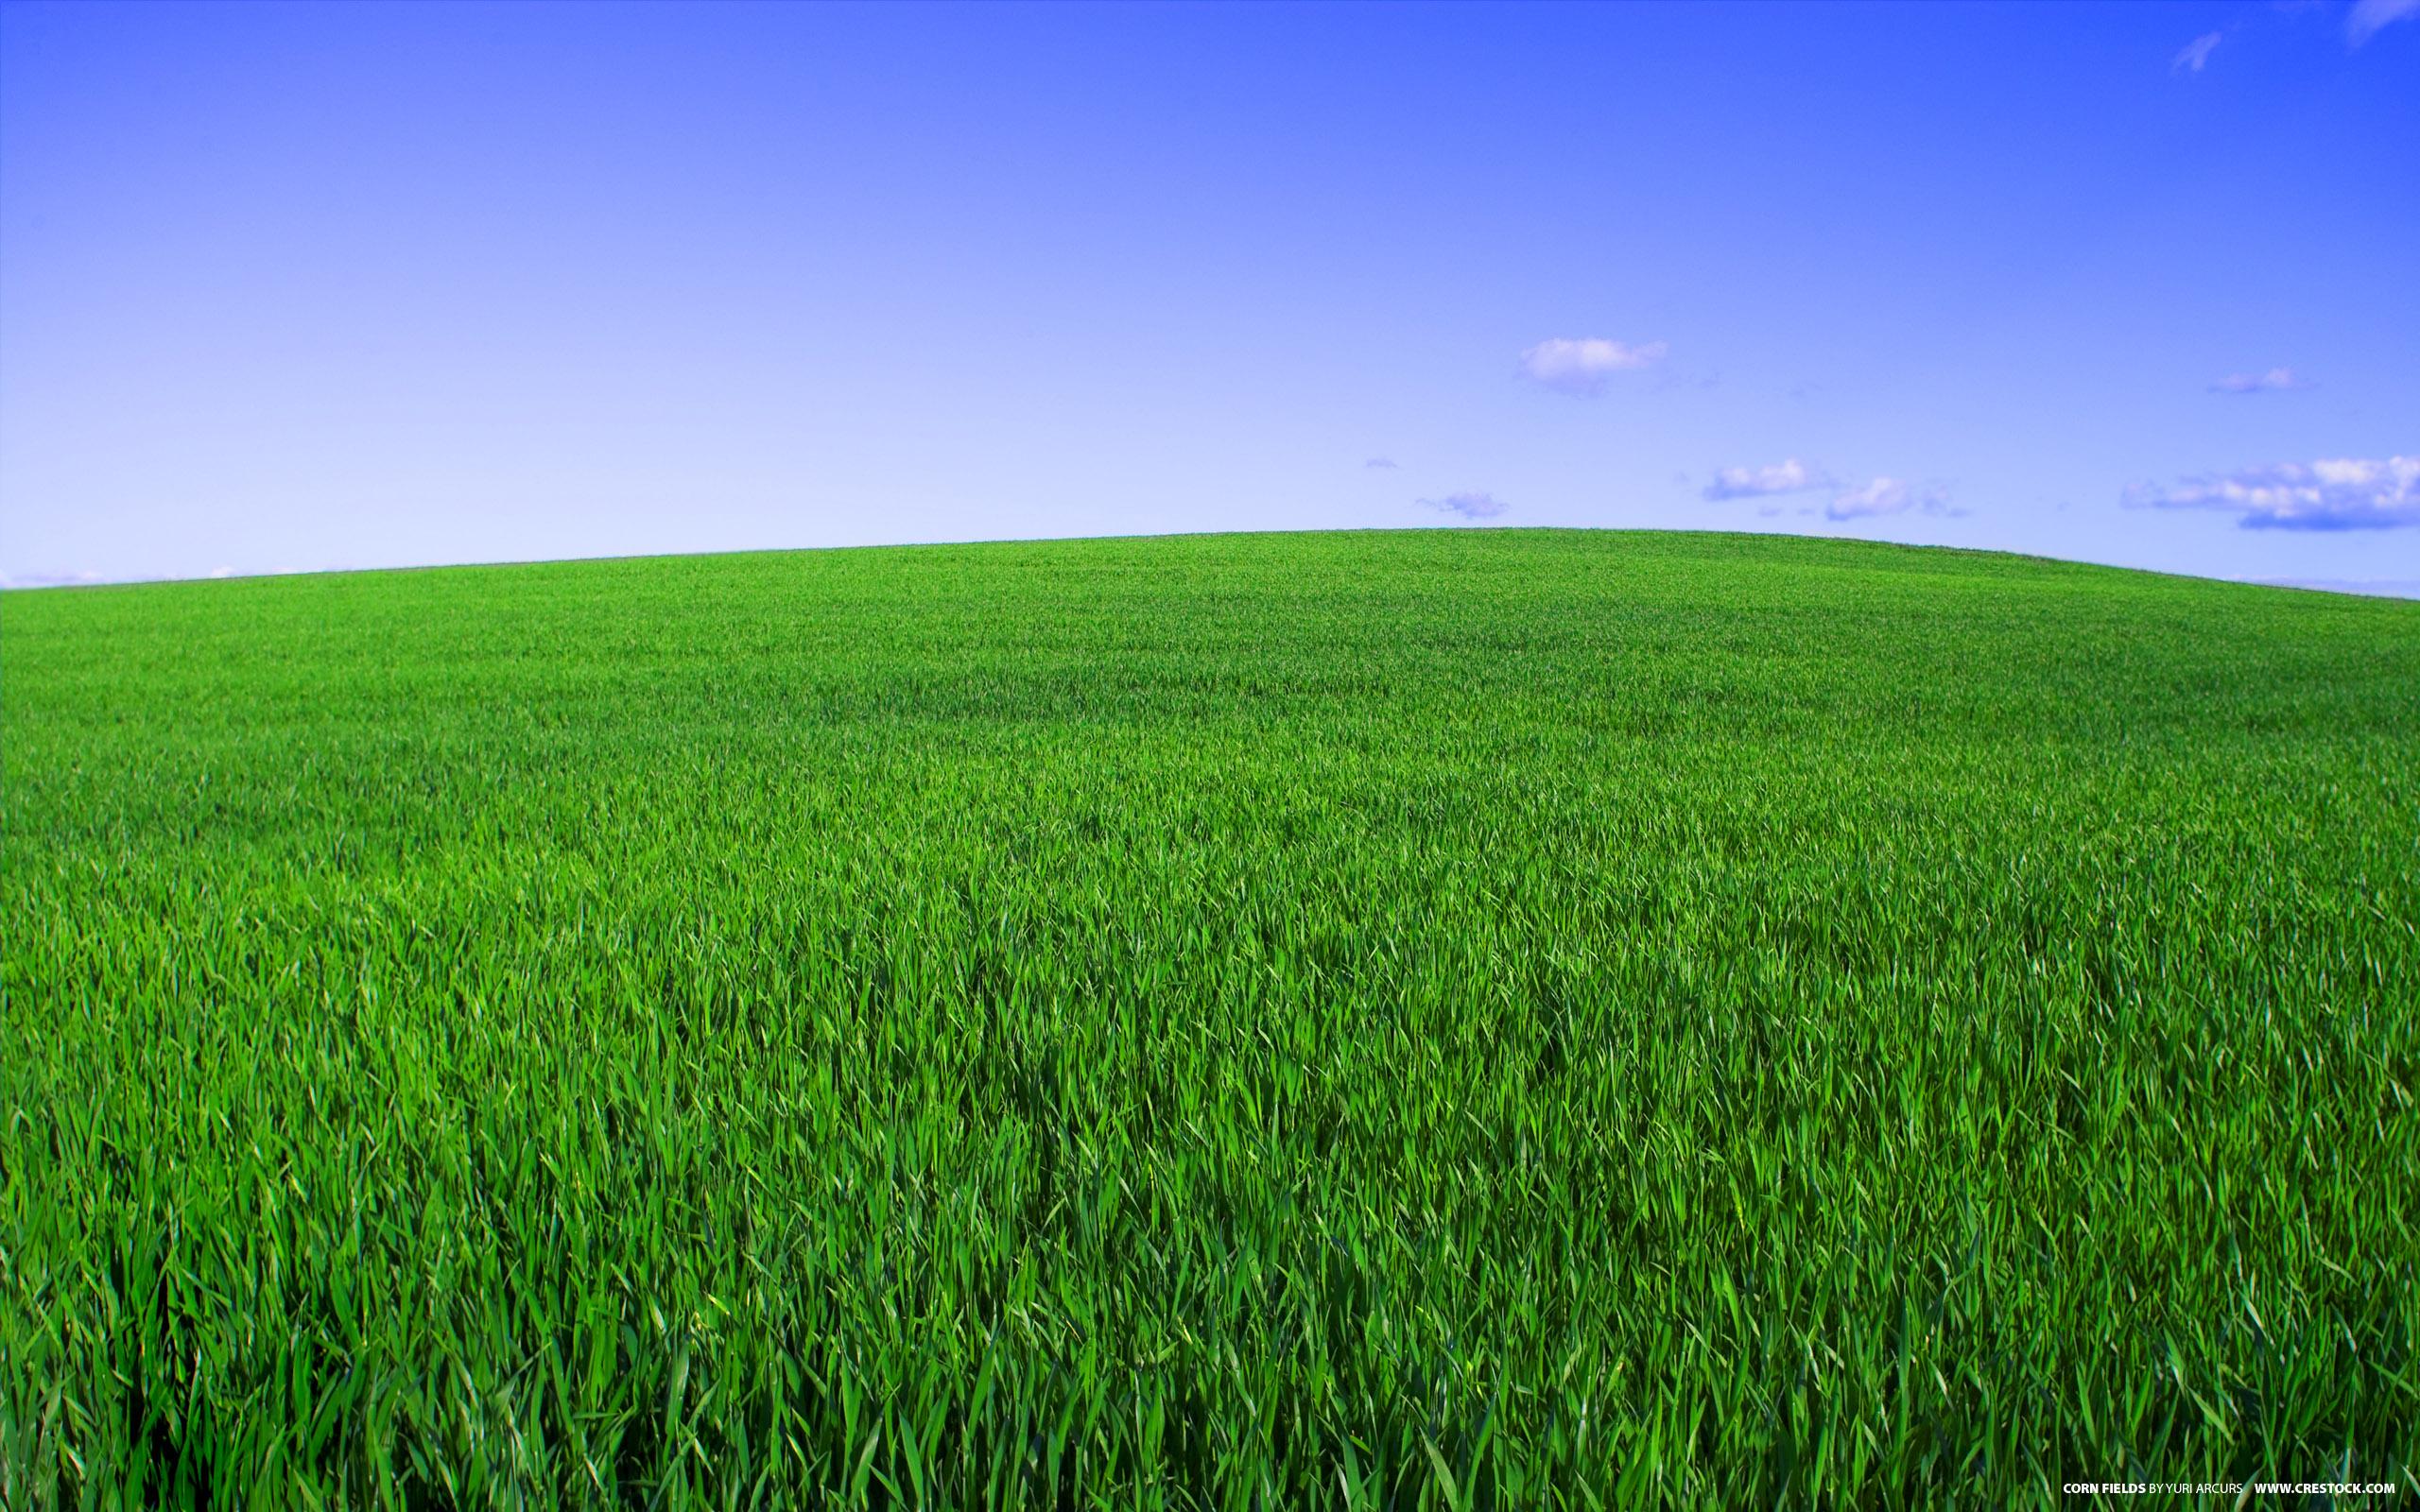 трава, луг, поляна, скачать фото, весна